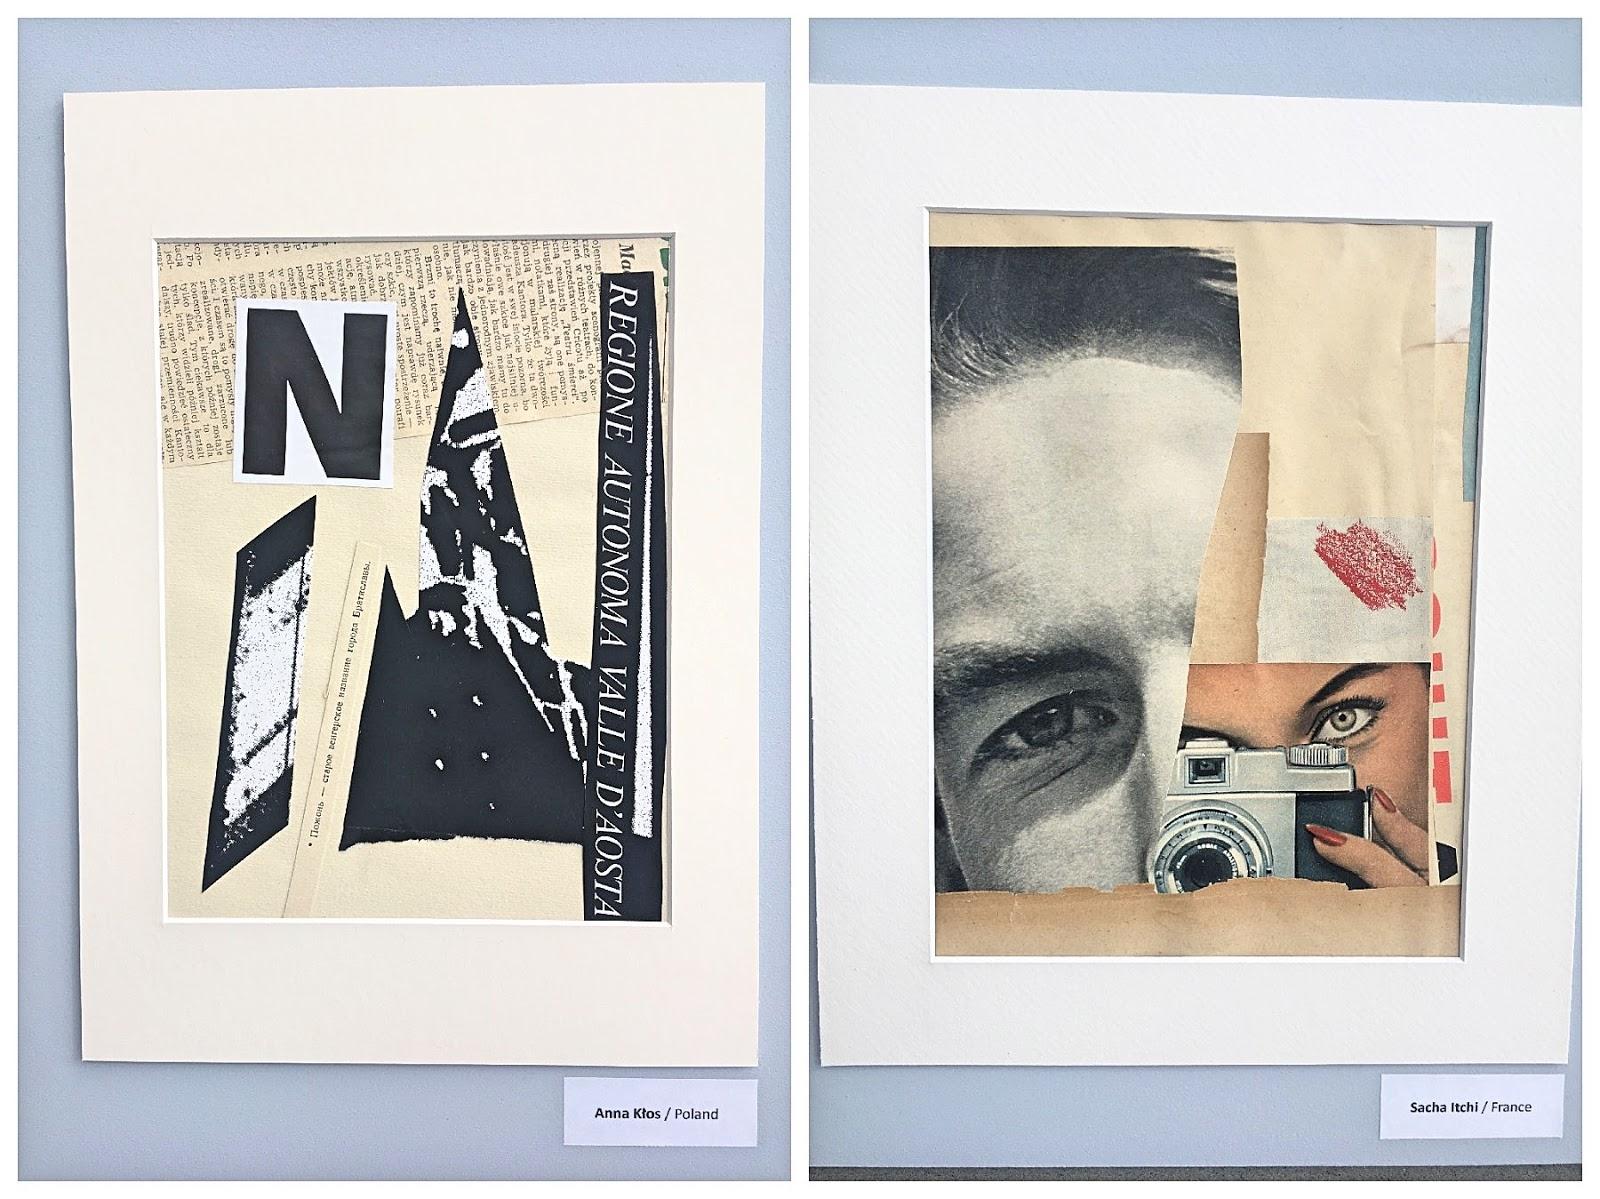 Anna Kłos, Sacha Itchi collage art